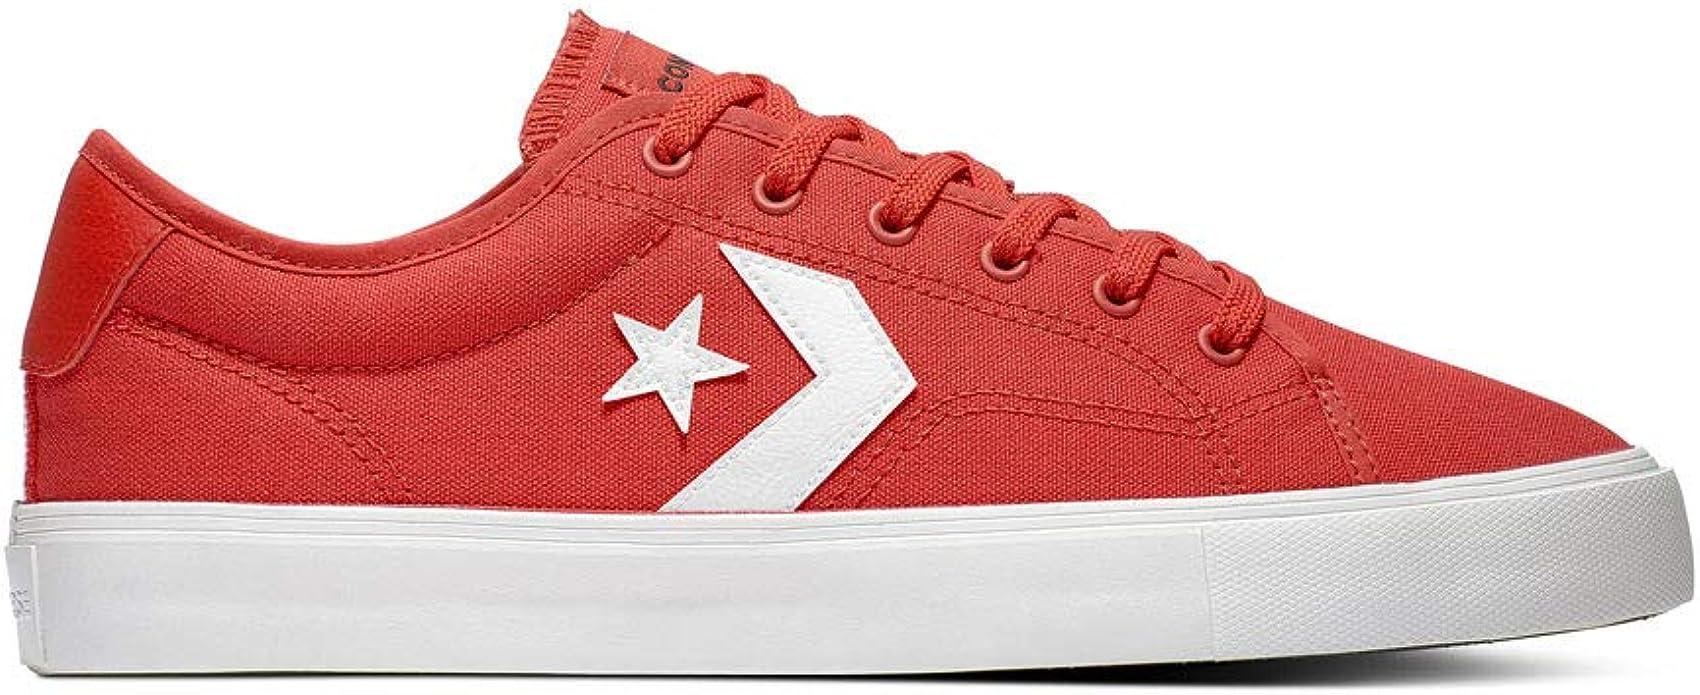 zapatos converse all star rojos